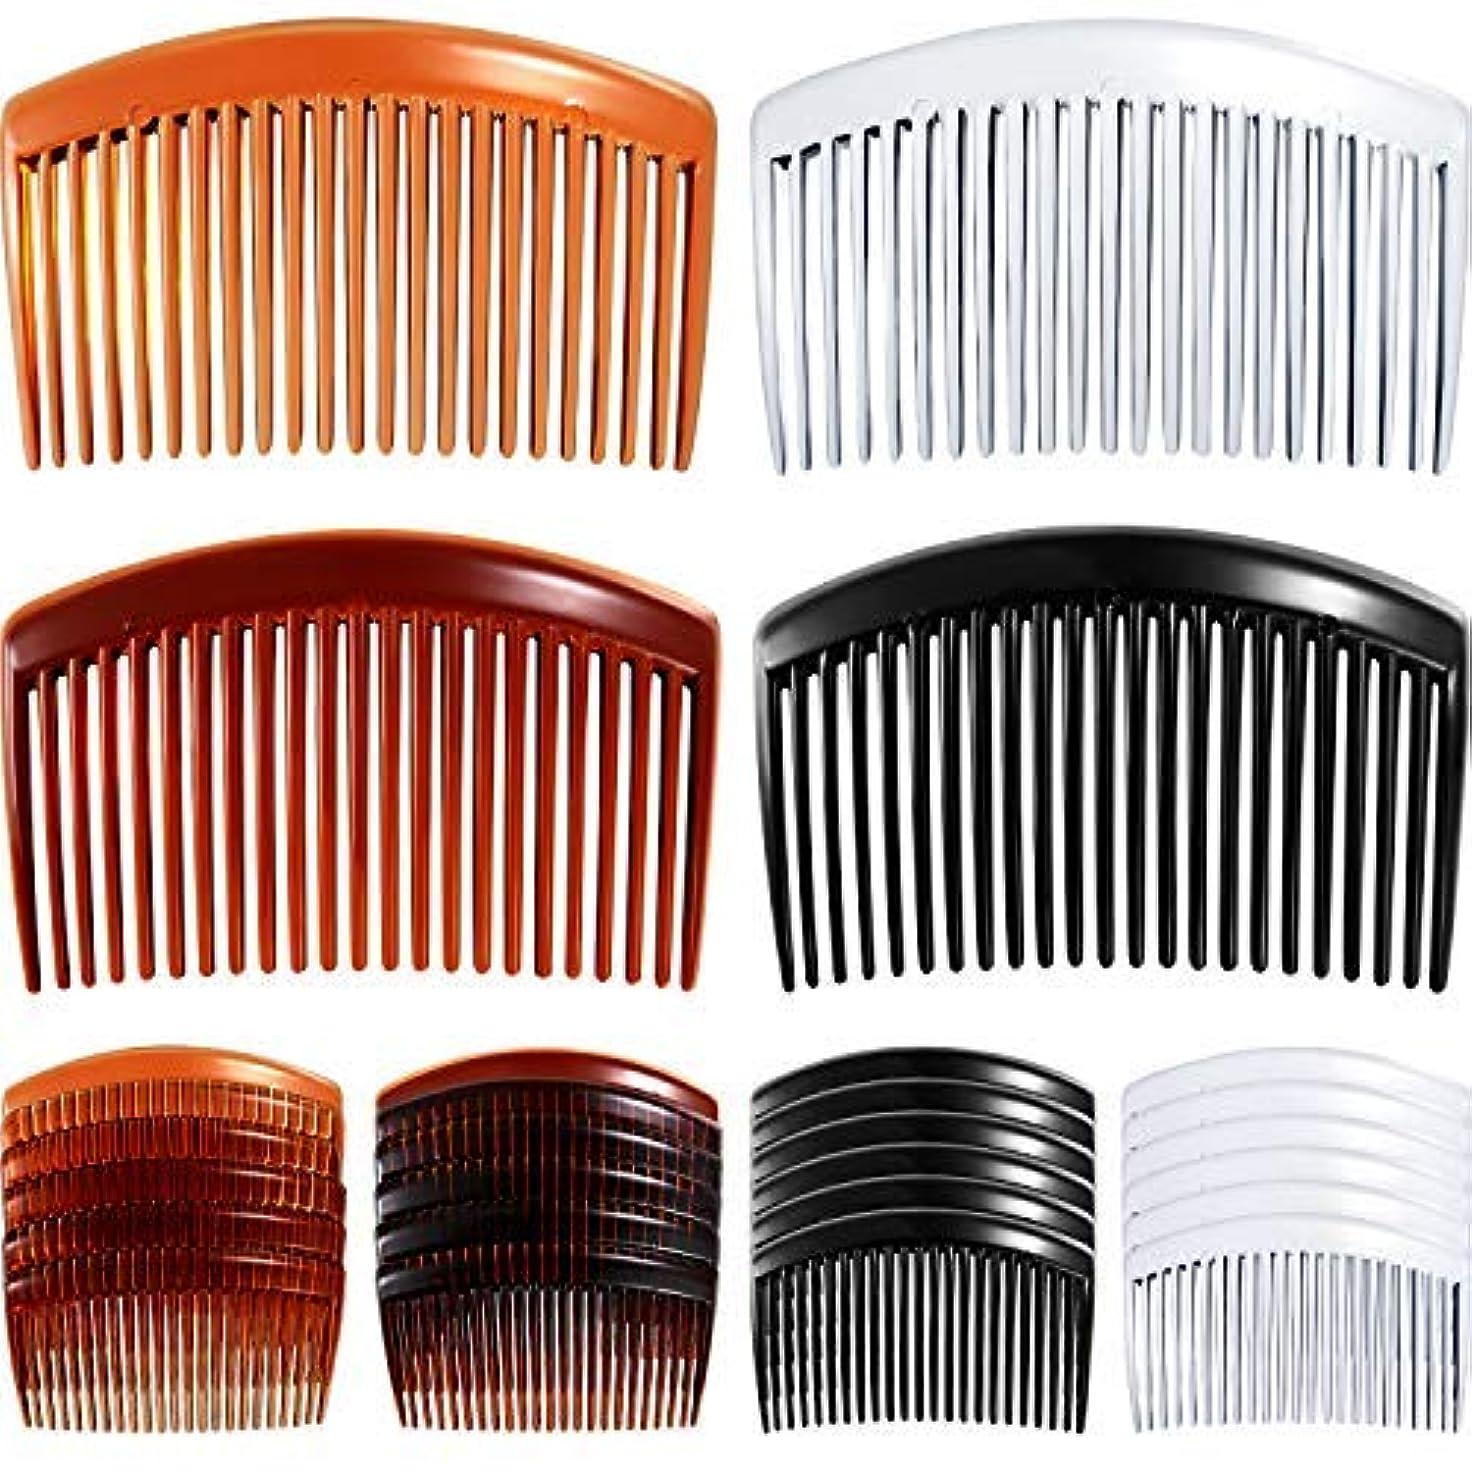 退屈させる把握相談する24 Pieces Hair Comb Plastic Hair Side Combs Straight Teeth Hair Clip Comb Bridal Wedding Veil Comb for Fine Hair...